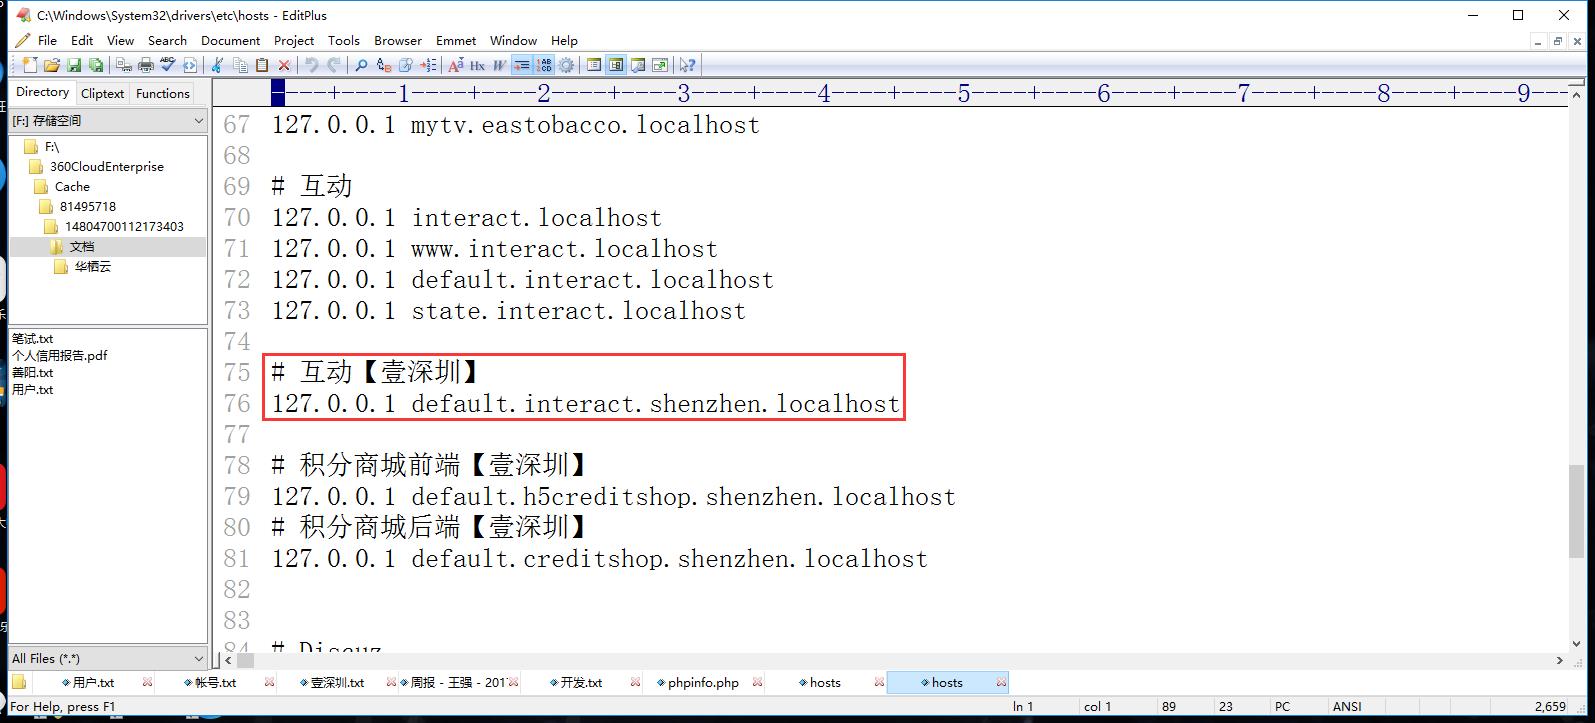 使用域名(default.interact.shenzhen.localhost)连接到本地 摇一摇 网站,编辑hosts,类似于本地的hosts